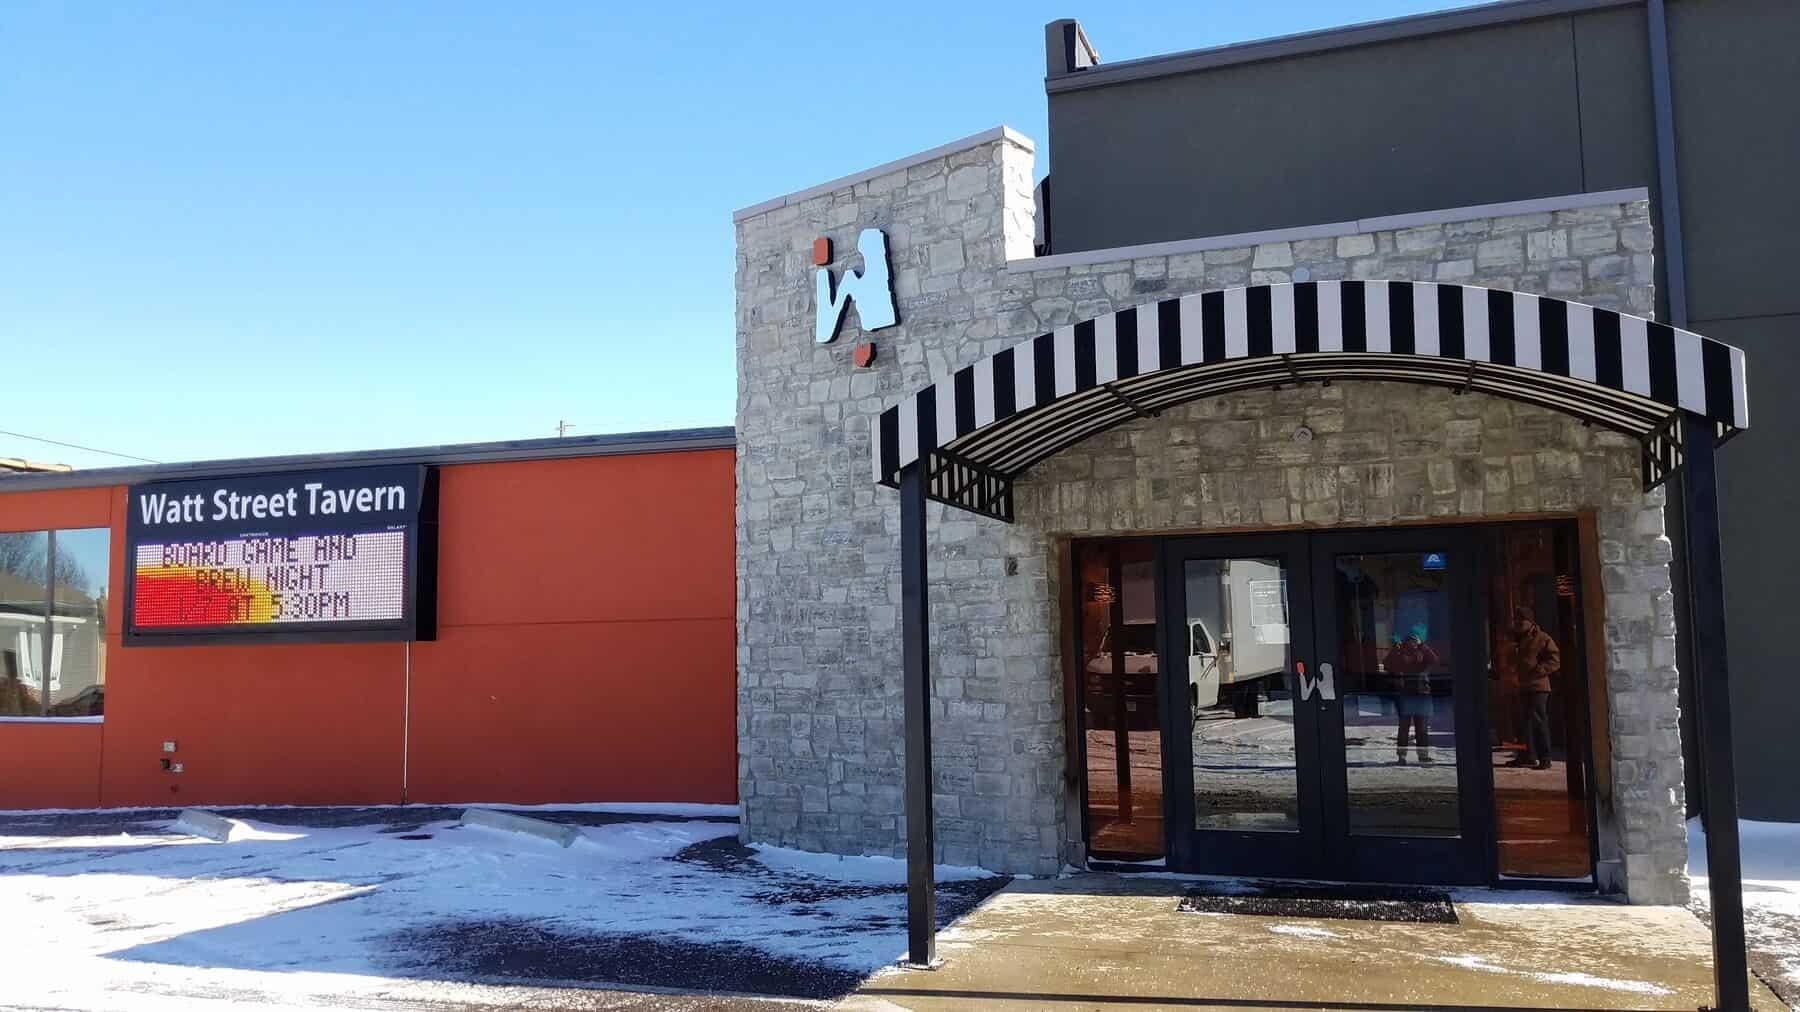 Watt Street Tavern in Downtown Circleville, Ohio